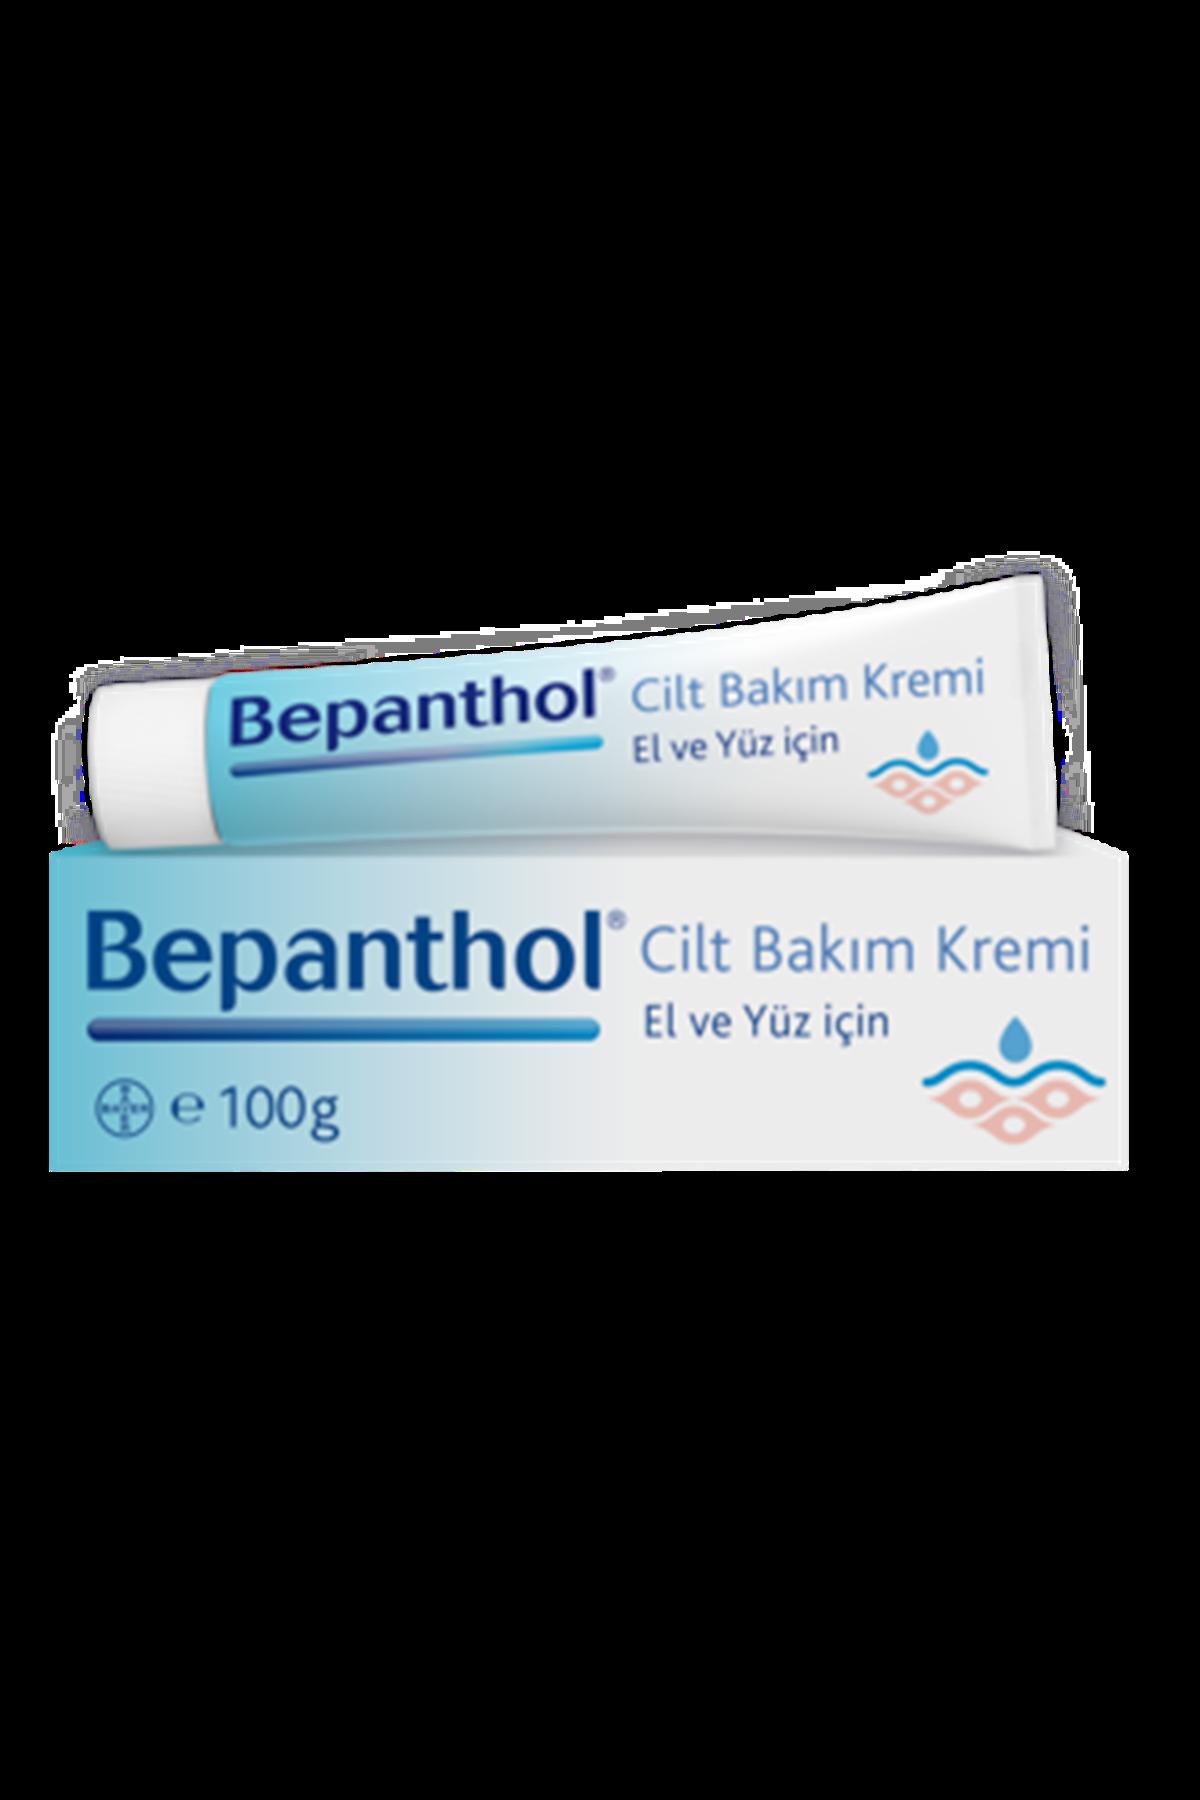 Bepanthol Cilt Bakım Kremi El ve Yüz için 100 ML